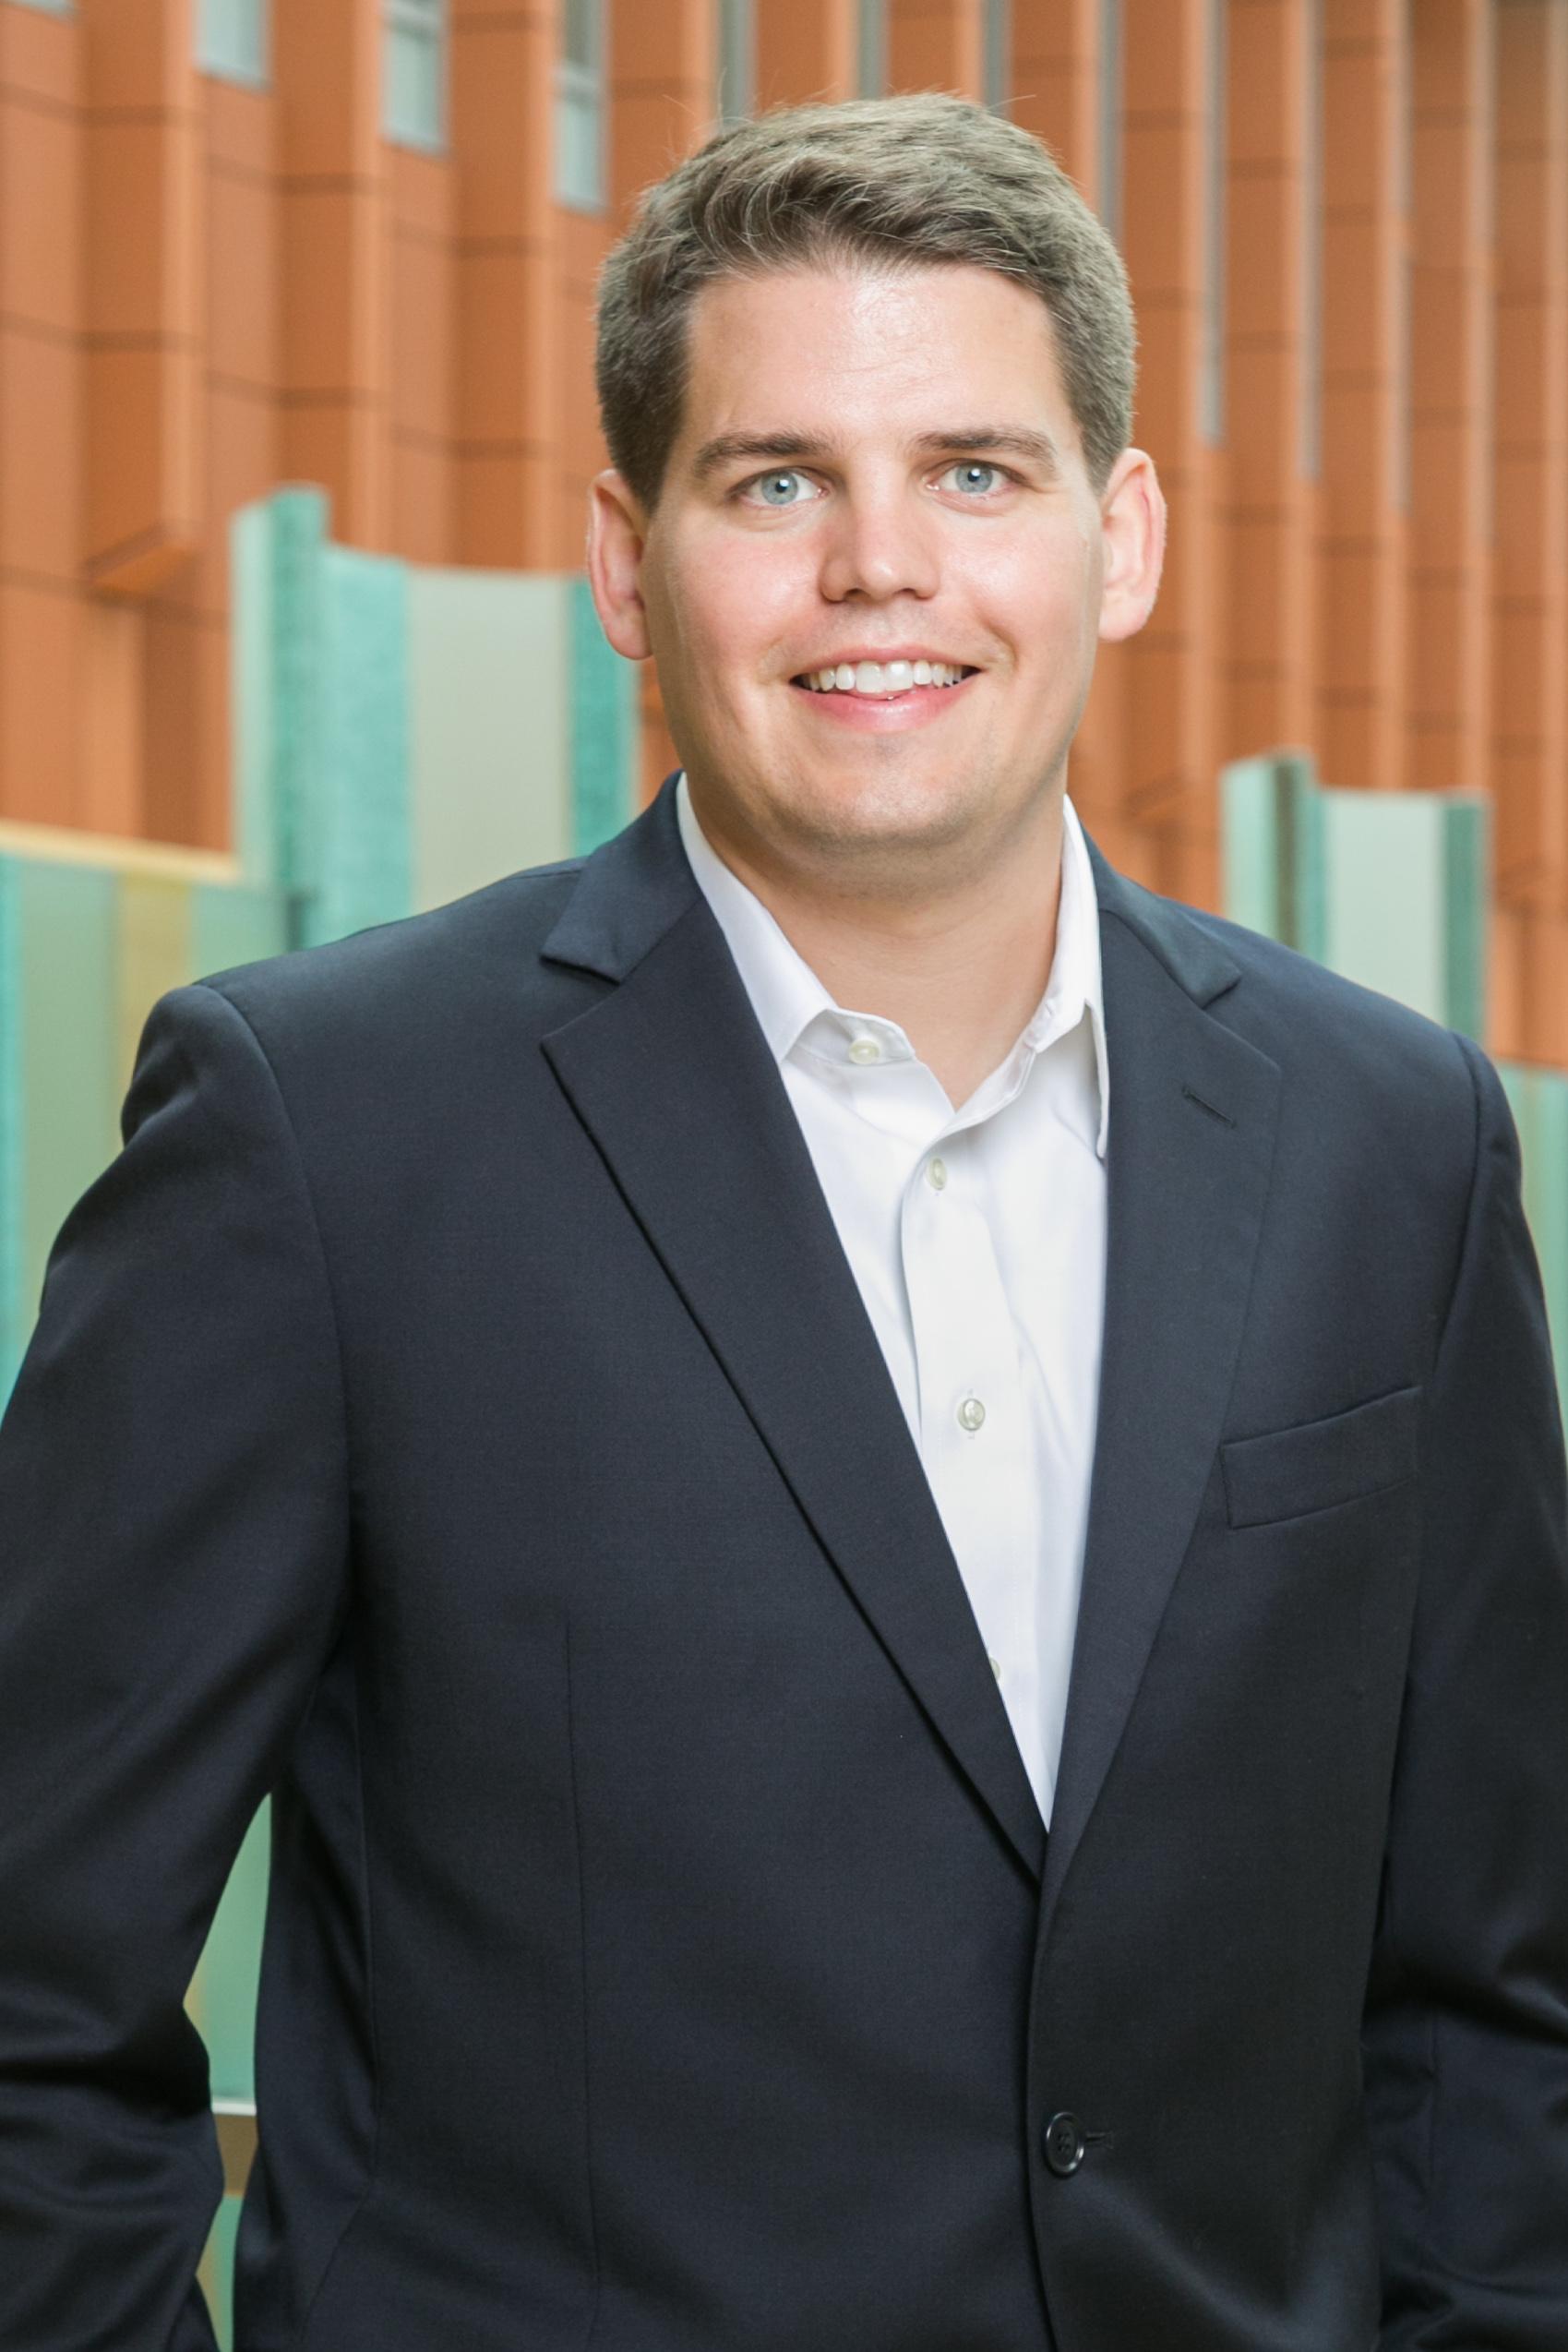 Justin Loescher